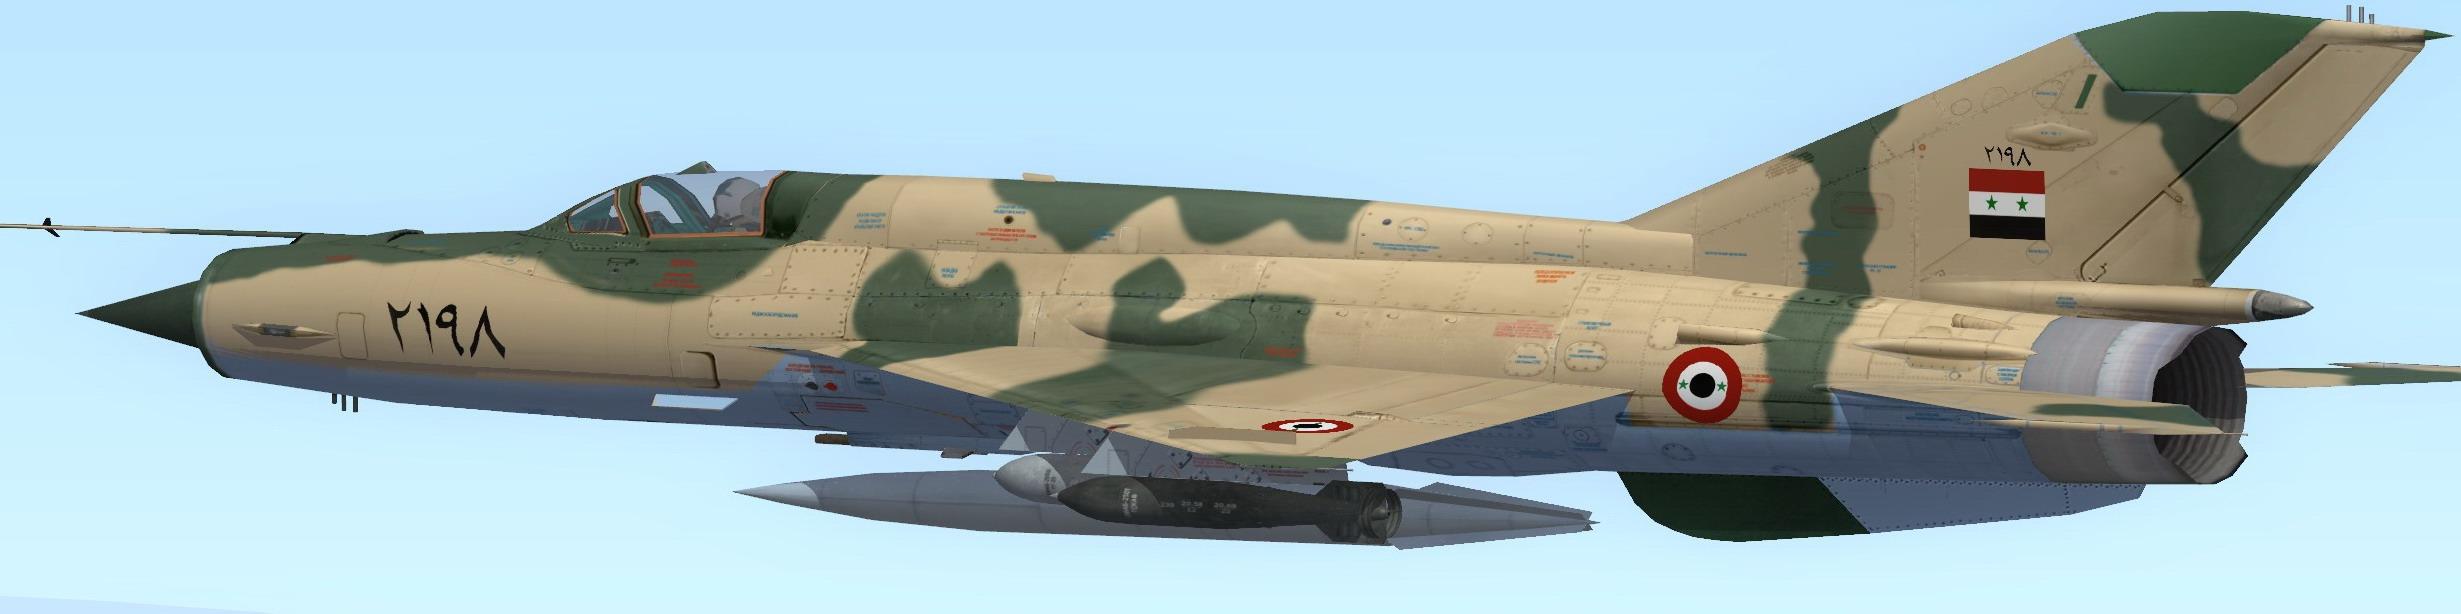 MiG-21MF_SyAAF for SF2